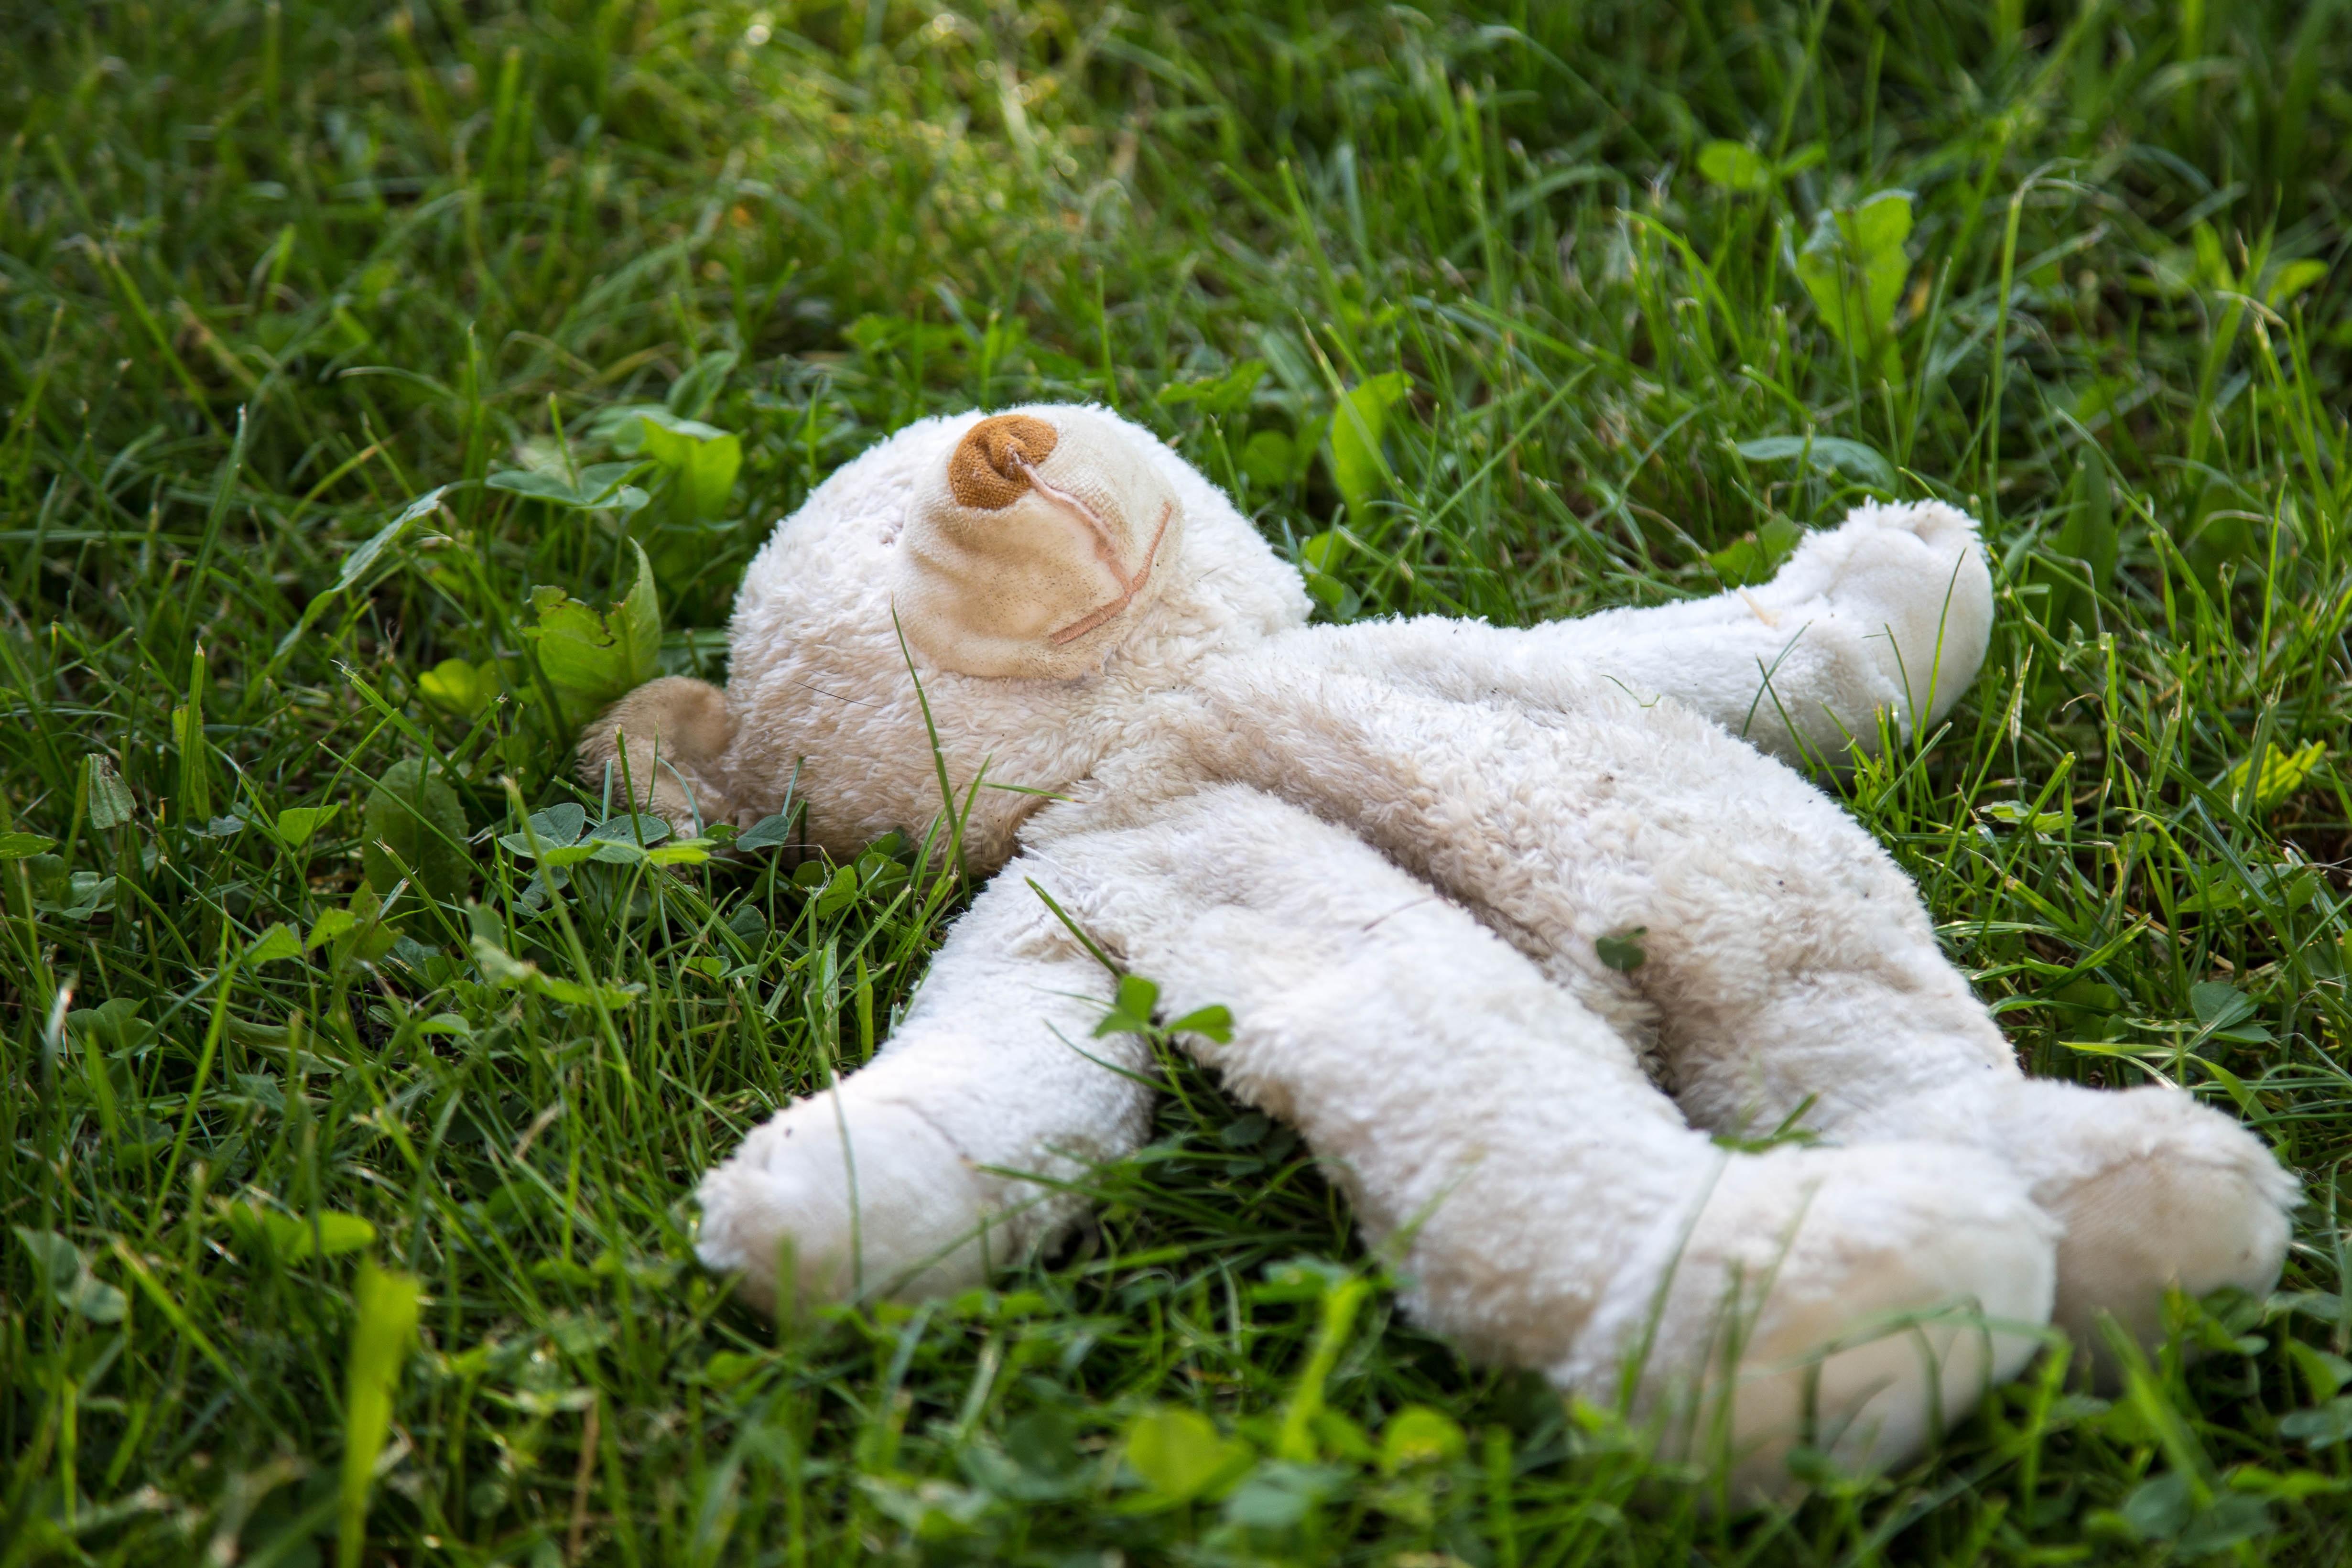 Cỏ Bãi Cỏ Đồng Cỏ Hoa Màu Xanh Lá Gấu Bông Đồ Chơi Sang Trọng Mờ